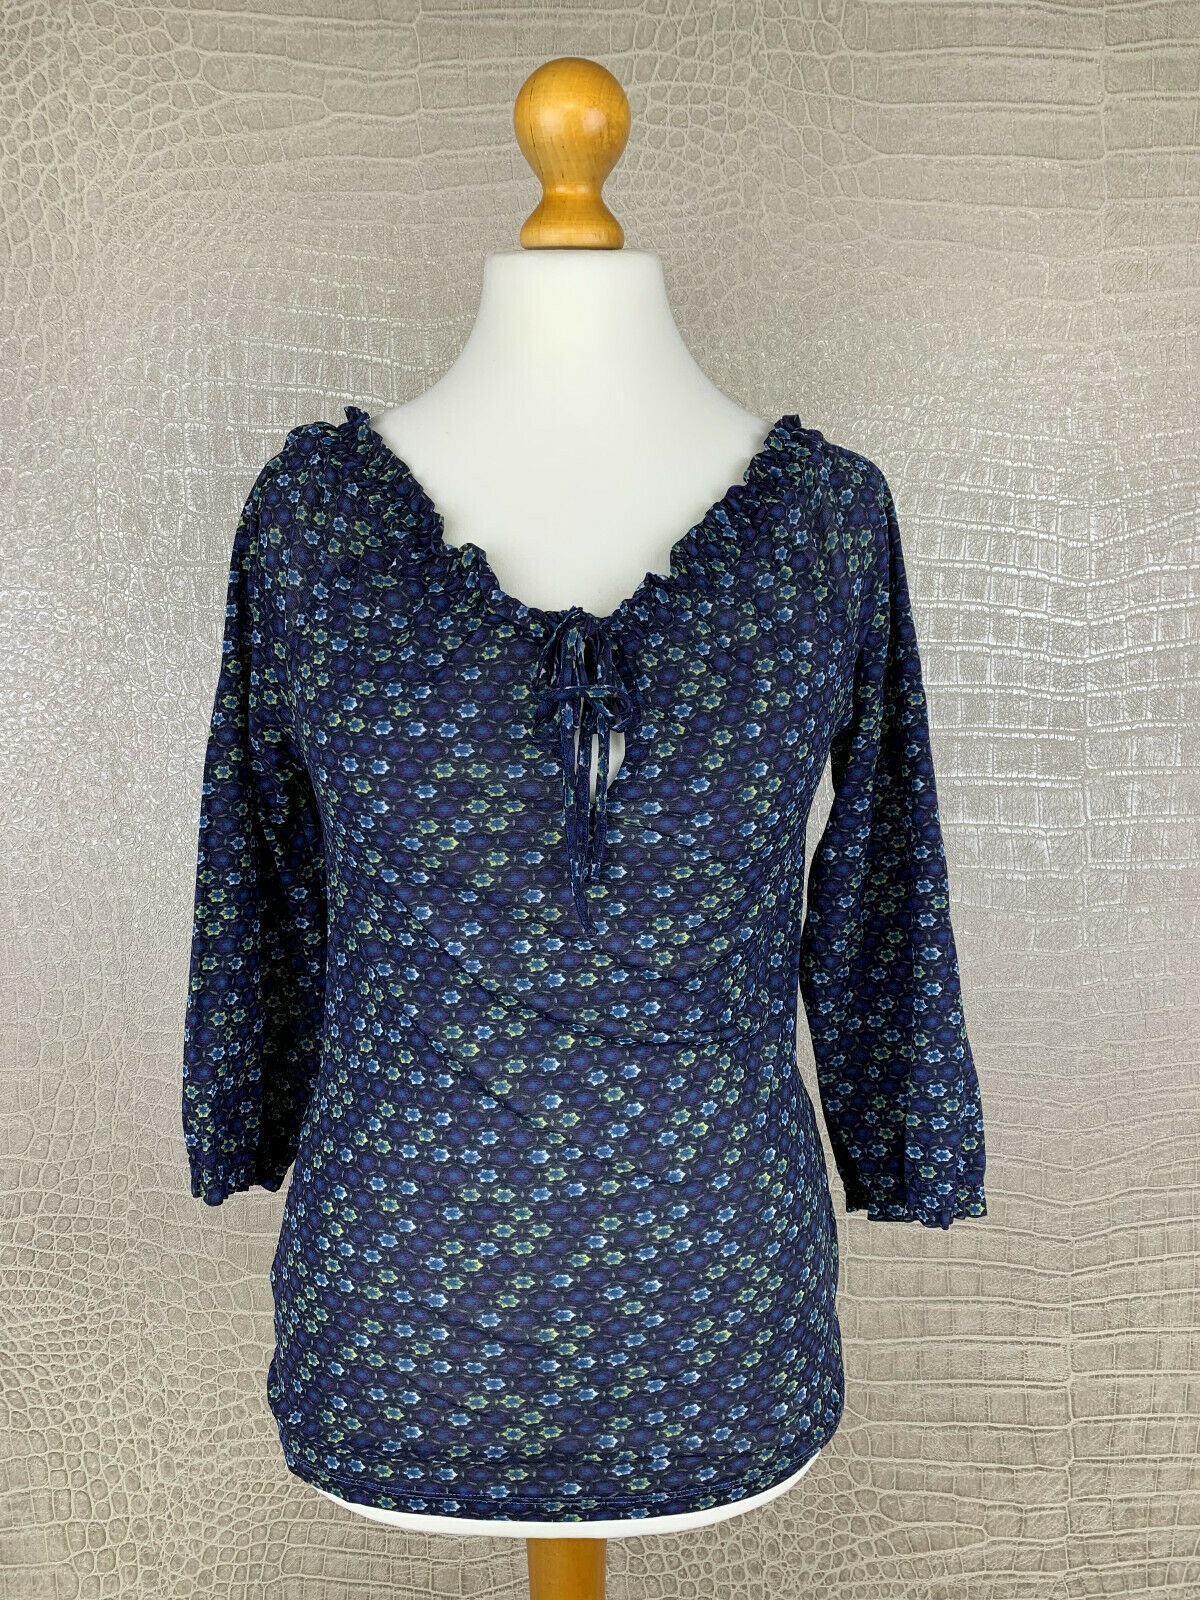 Frauen Xmas T-Shirt Weihnachten Herbst Top One Shoulder Santa Belt Bluse Ne U3F8